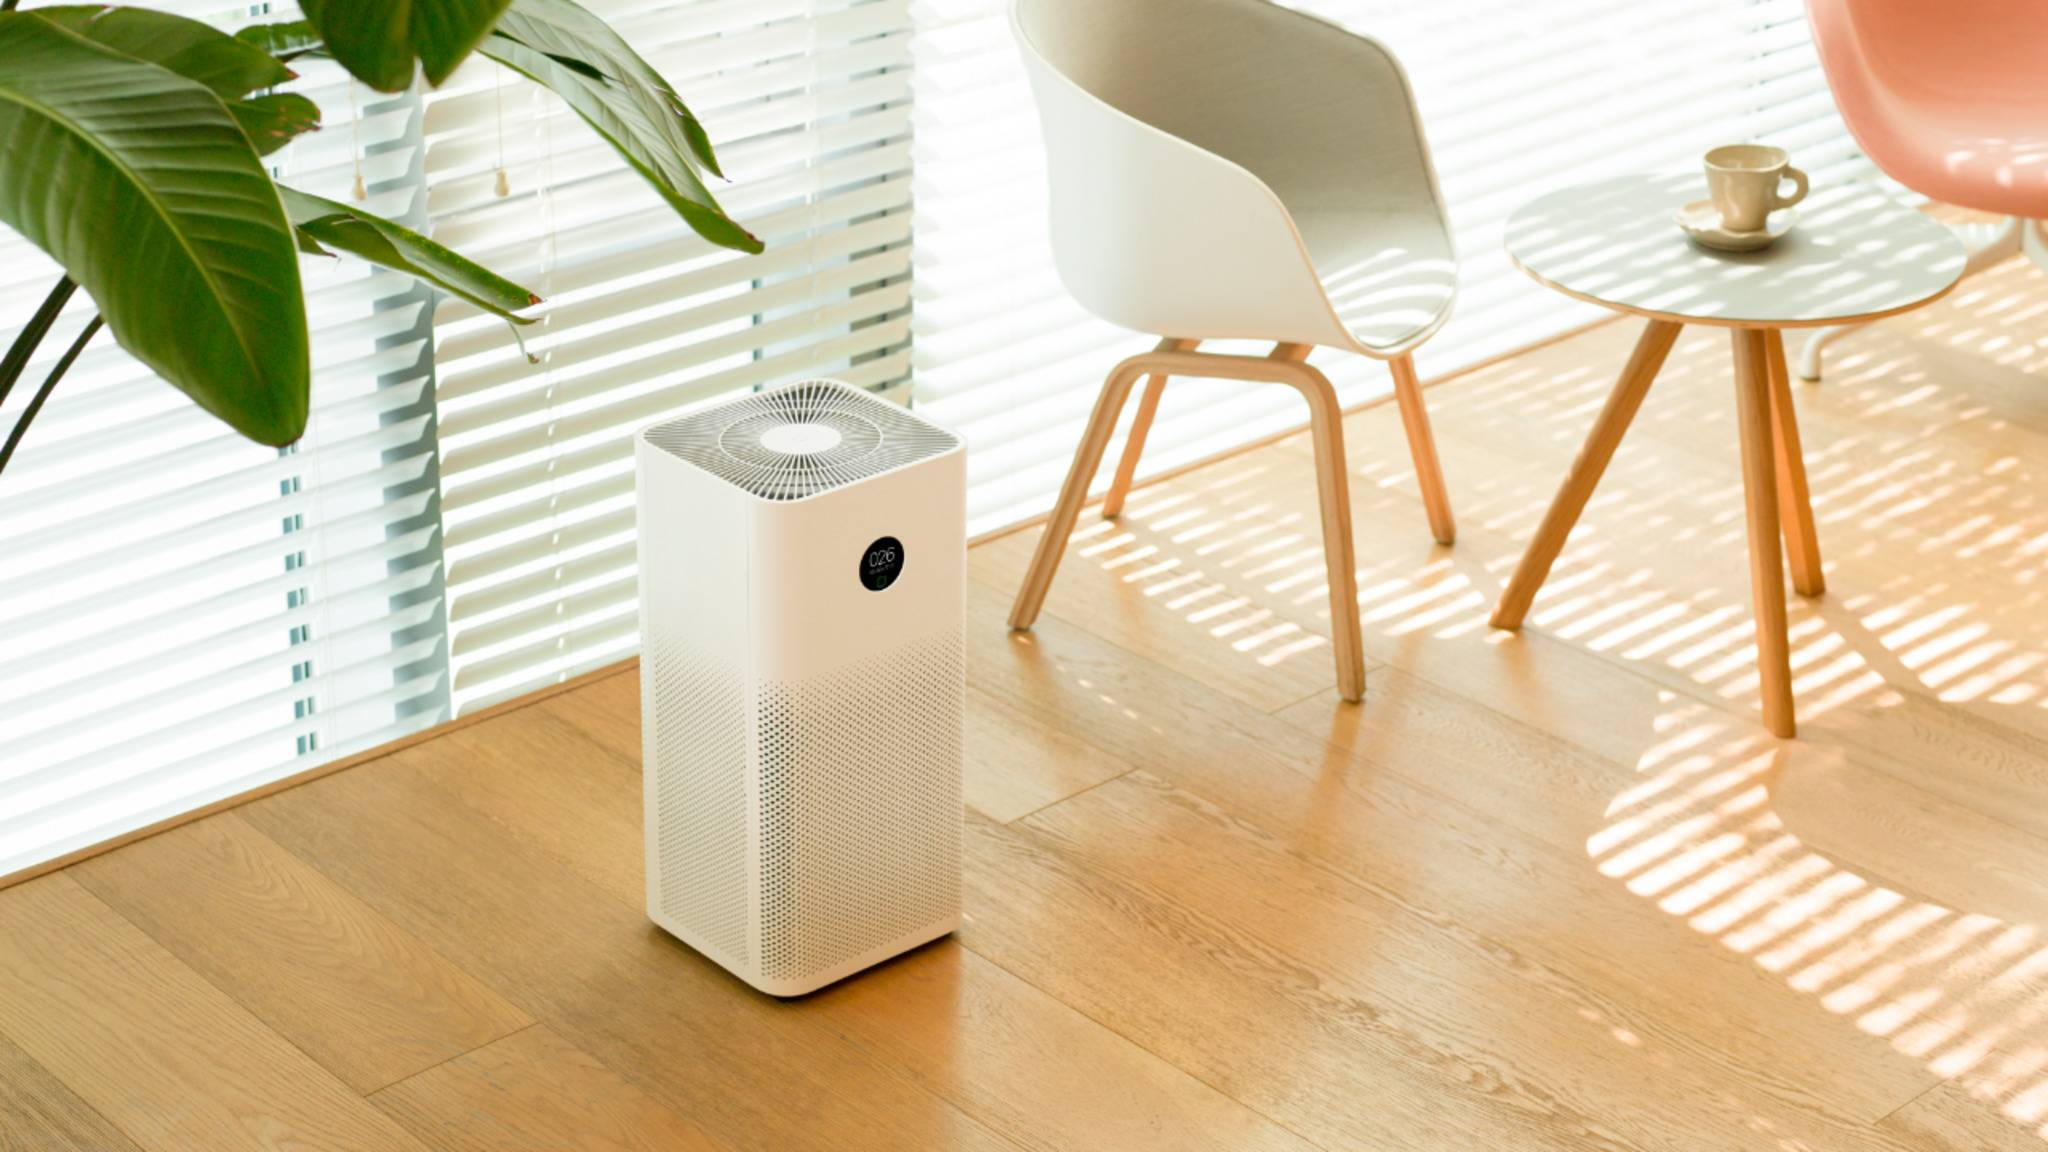 Mi Air Purifier 3H Wohnzimmer